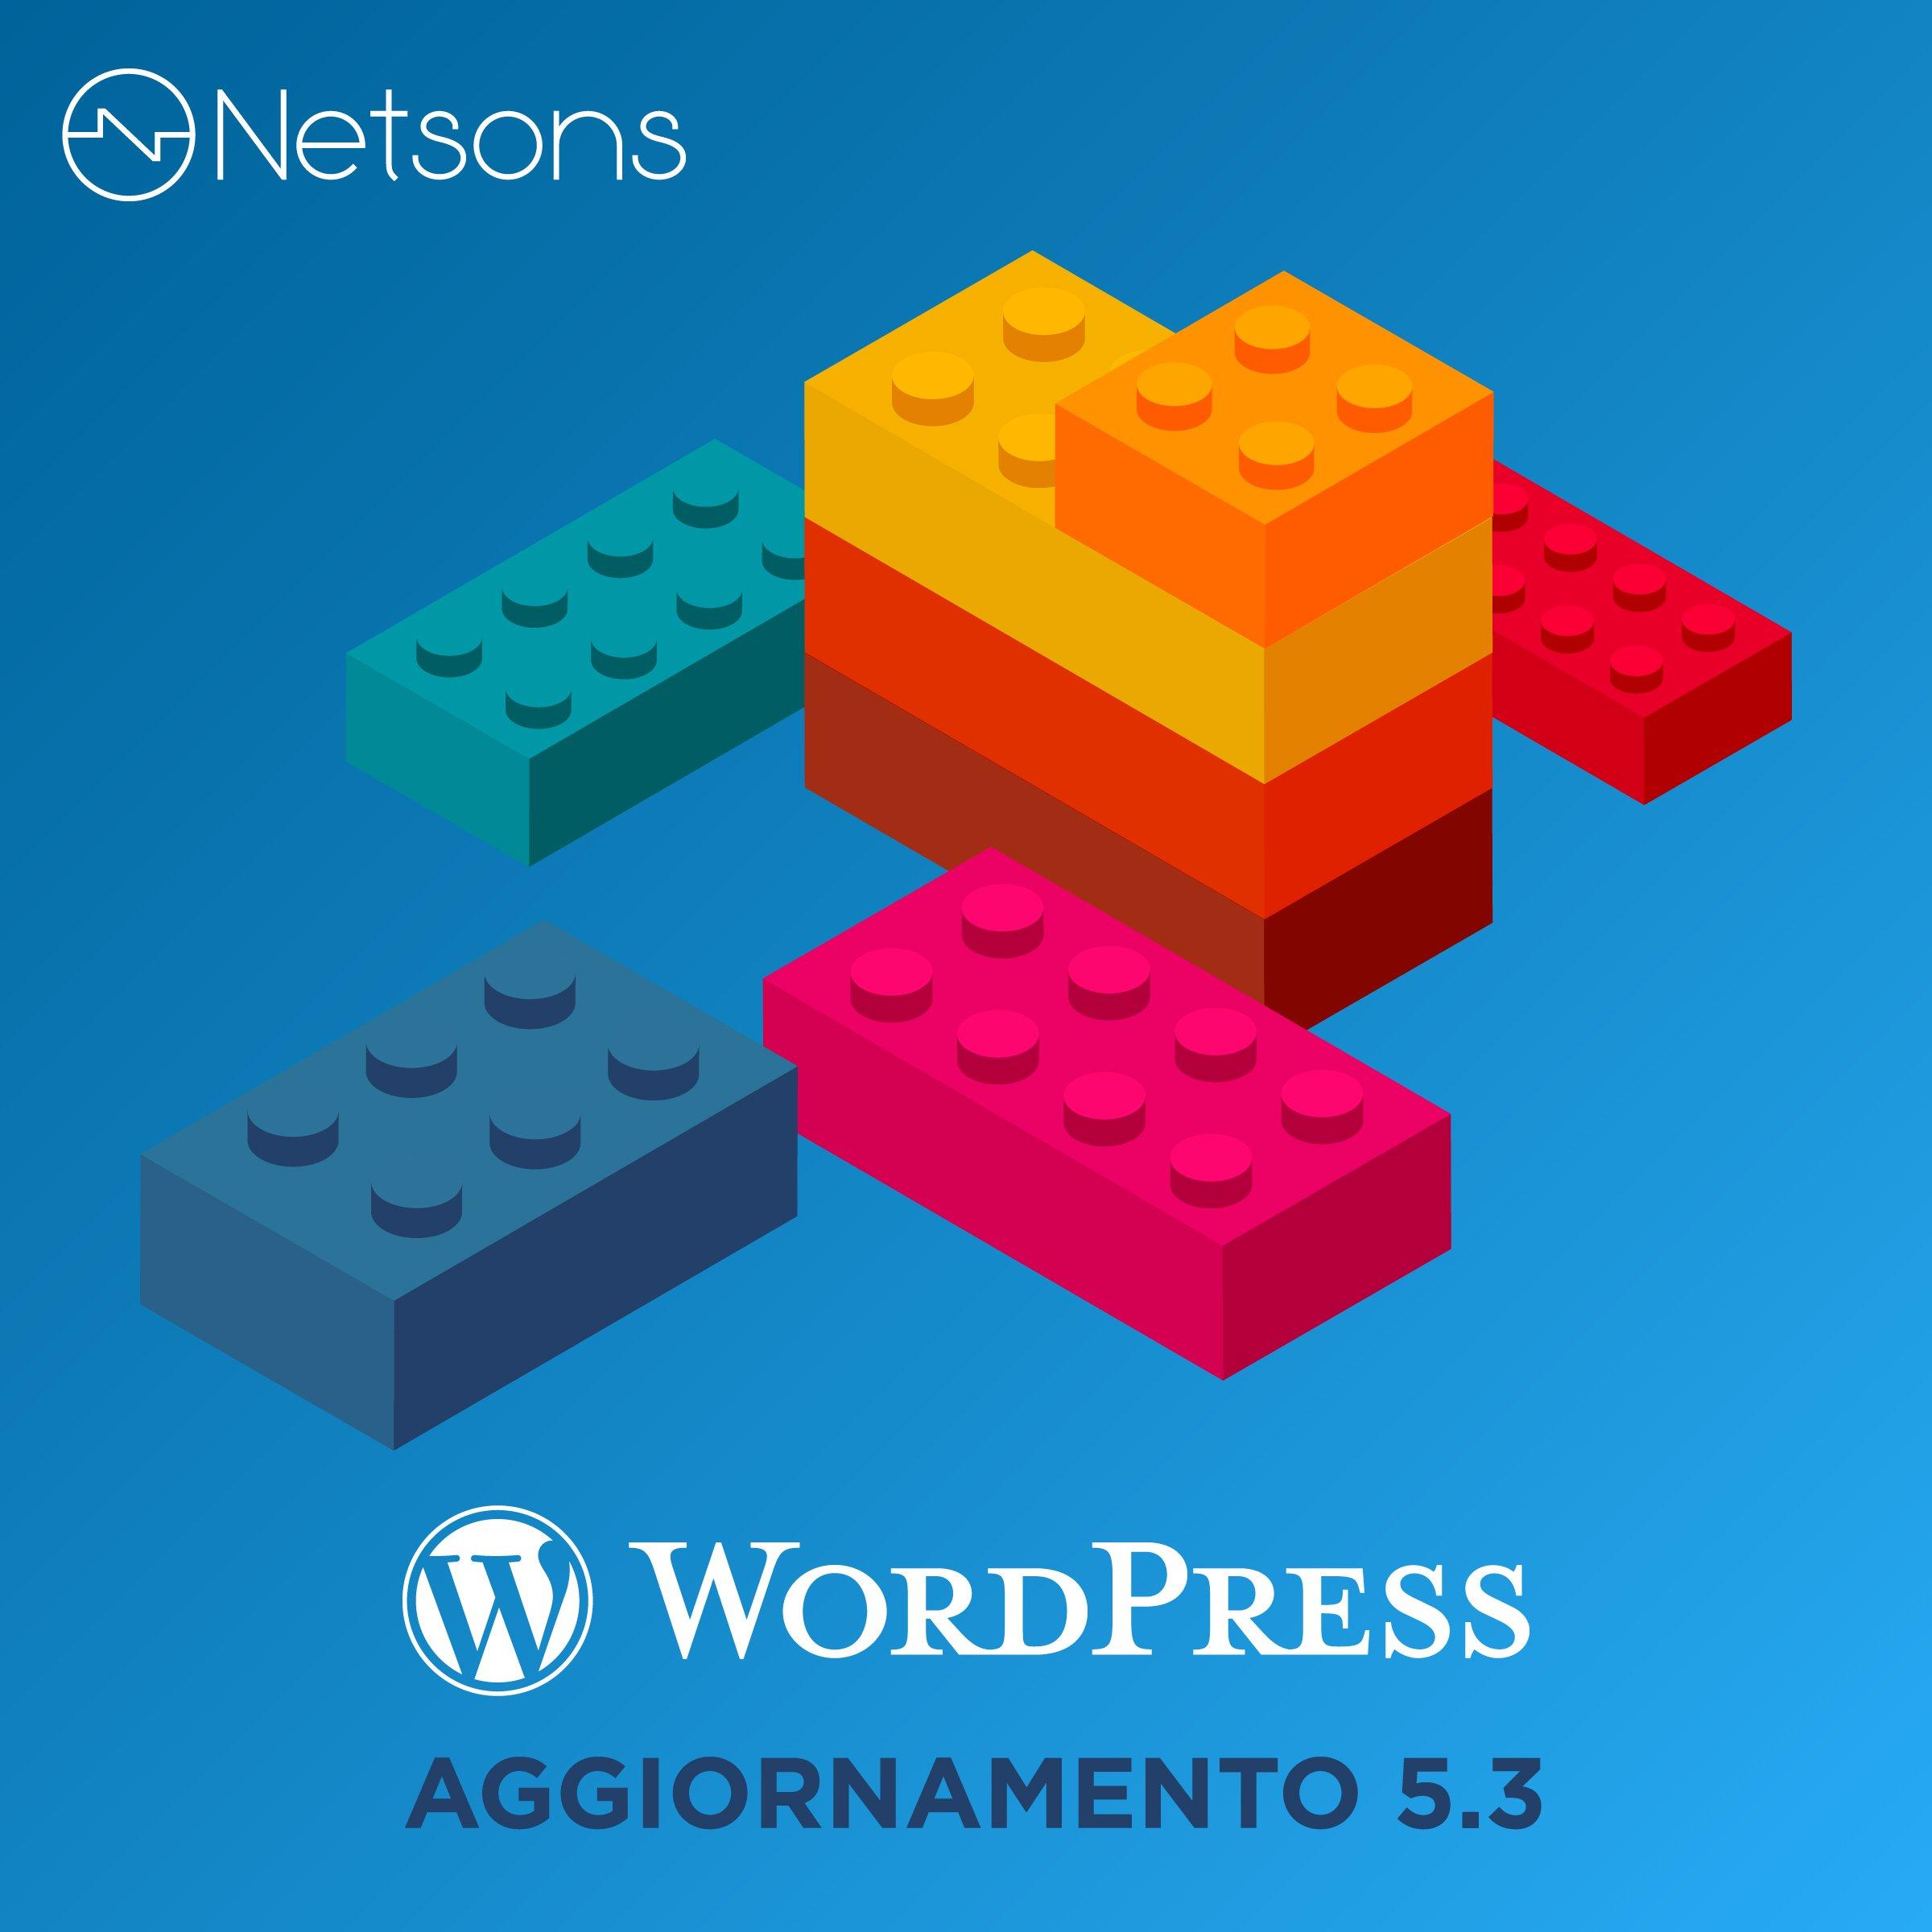 wordpress aggiornamento 5.3 kirk